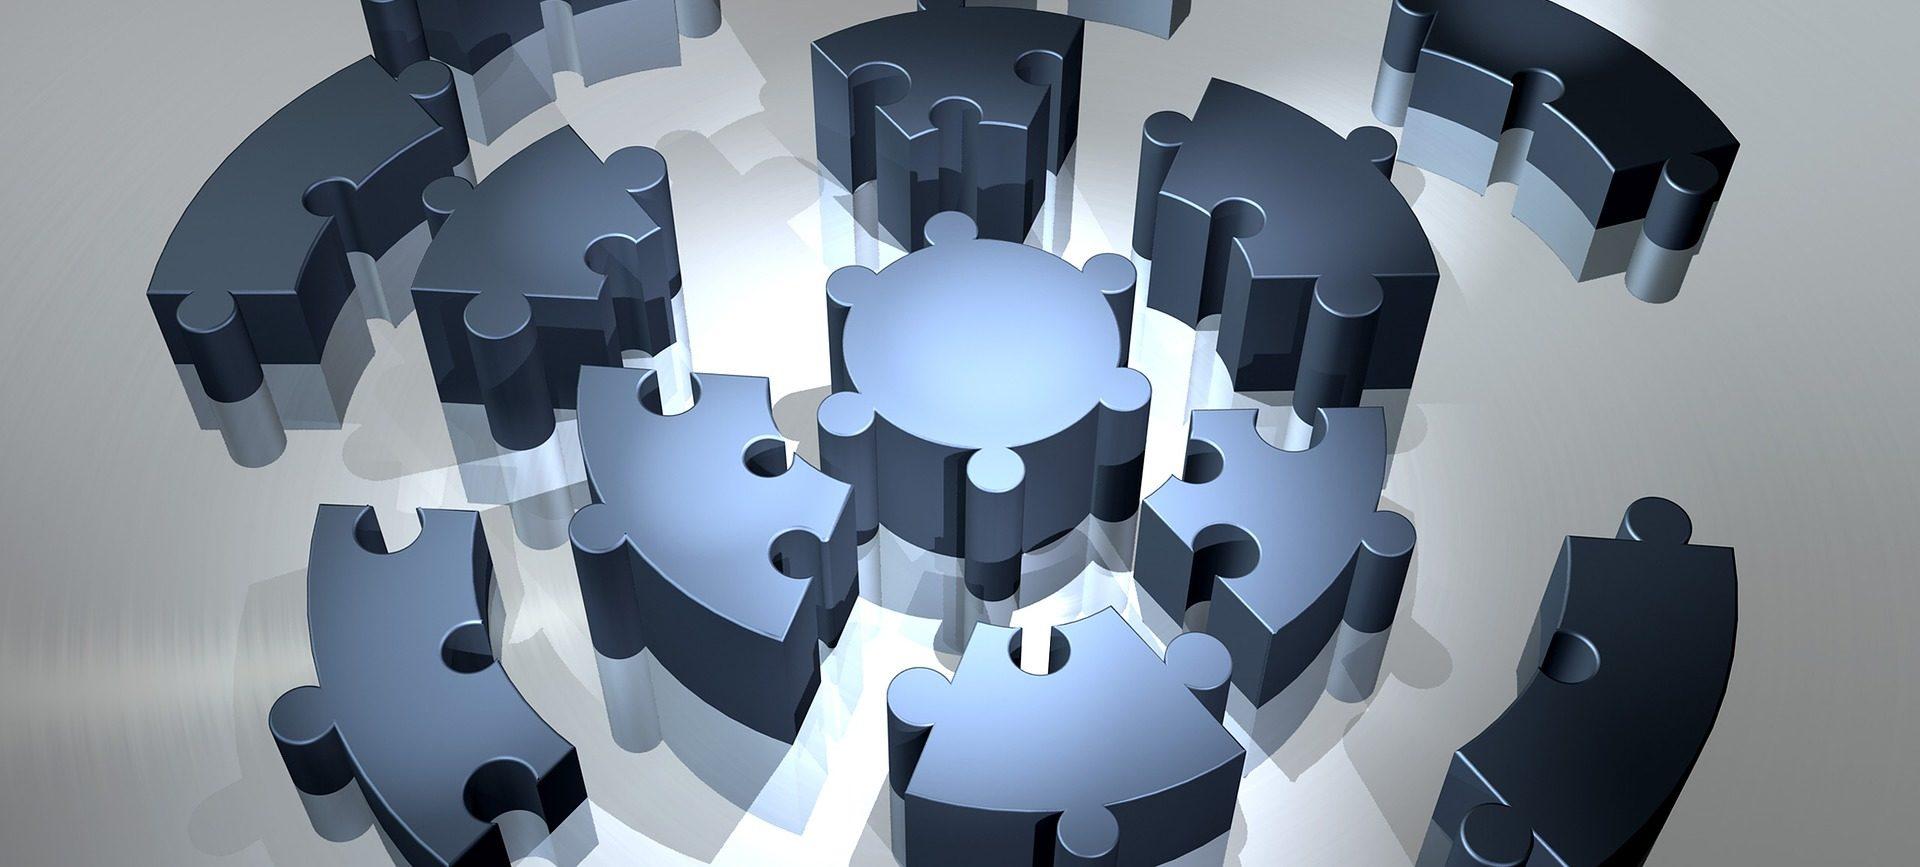 Teamkompetent: Teamkompetenzen müssen da sein, fachliche Kompetenzen sollten wie Puzzleteile ineinander greifen